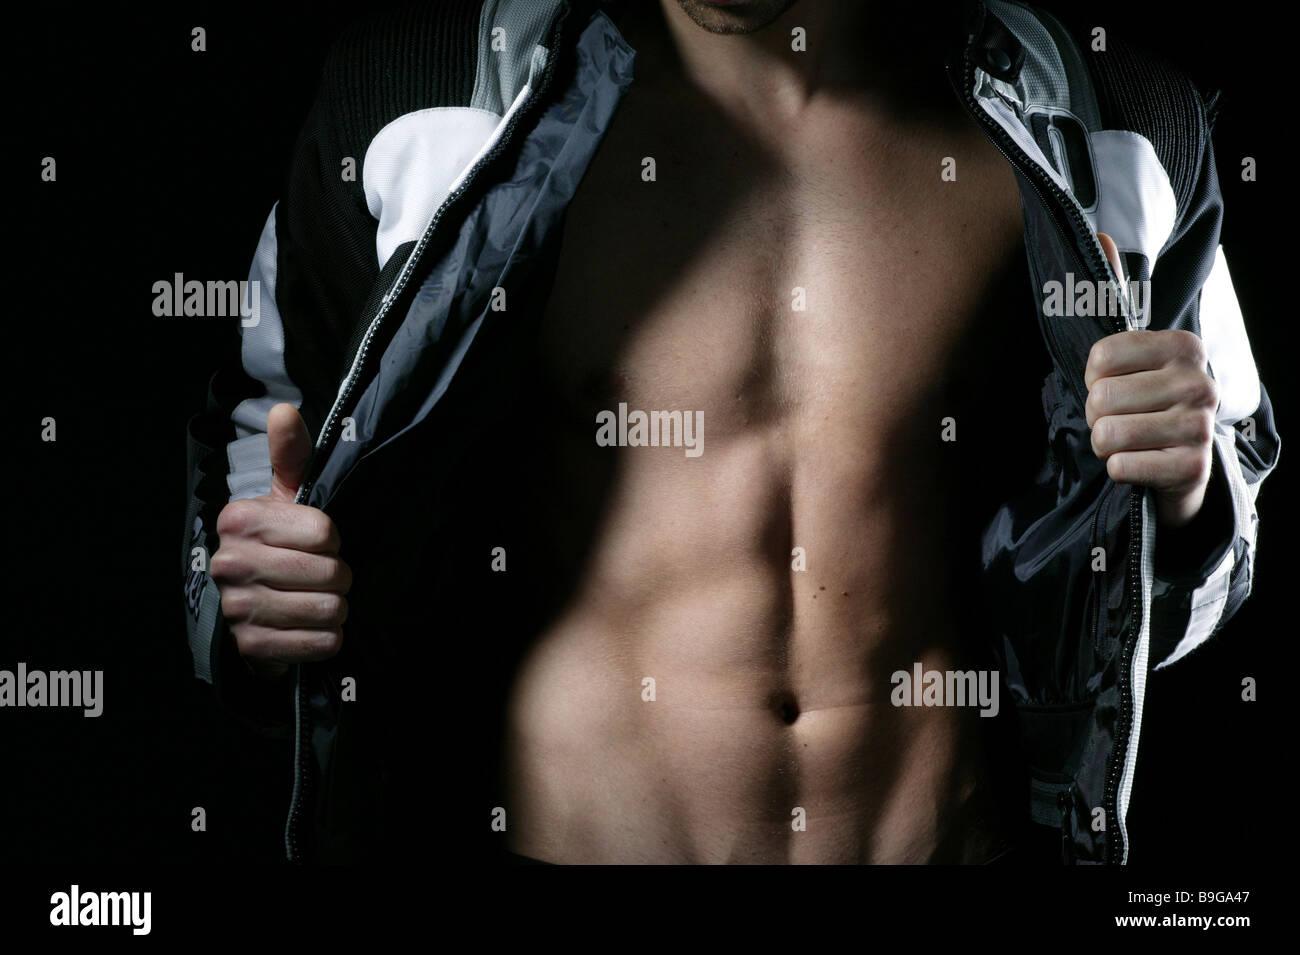 Giacca uomo apertamente il corpo superiore la muscolatura dettaglio persone giovani sta moto-jacket aperto organismi Immagini Stock